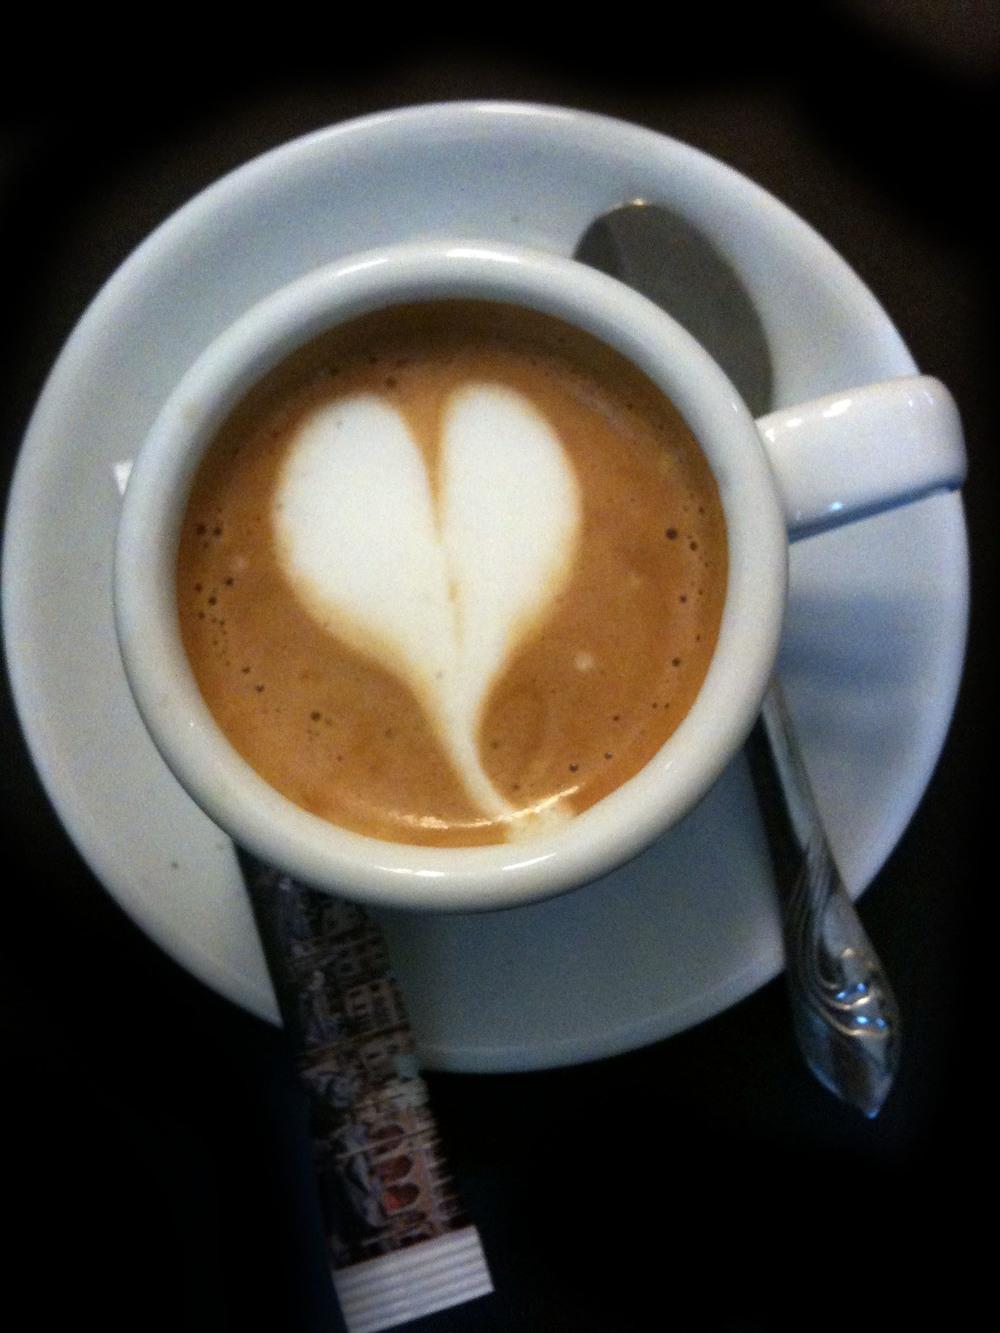 Gocce di Caffè - Macchiato up close